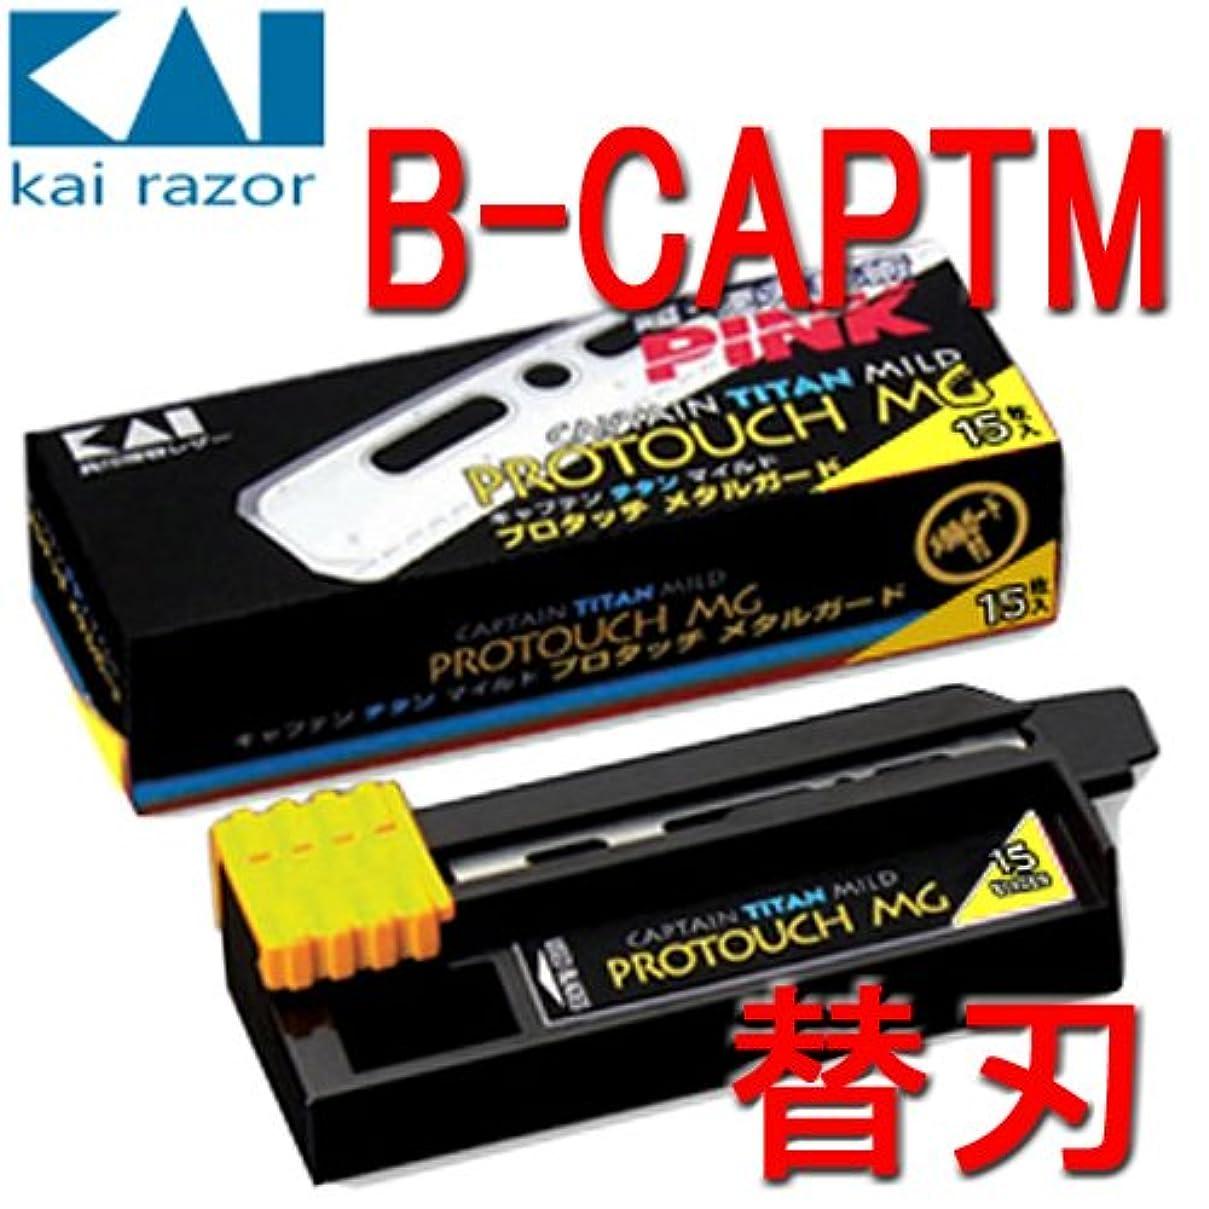 結果としてモナリザ偶然【貝印カミソリ】 業務用 キャプテン-チタン-メタルガード15 (B-CAPTM)